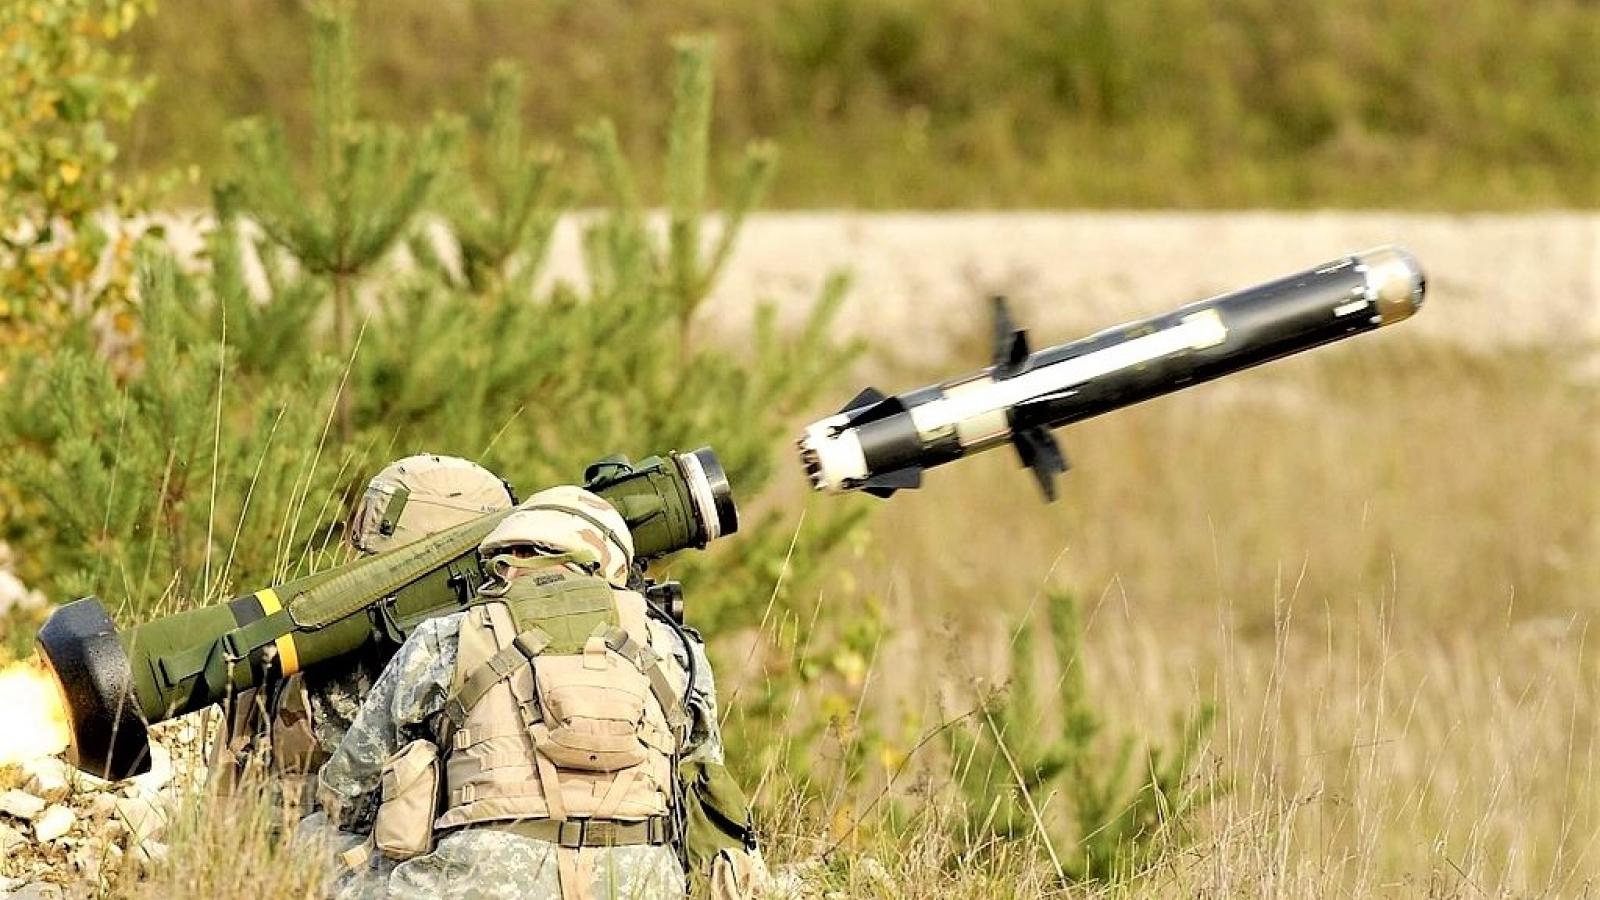 Thái Lan mua tên lửa chống tăng Javelin của Mỹ